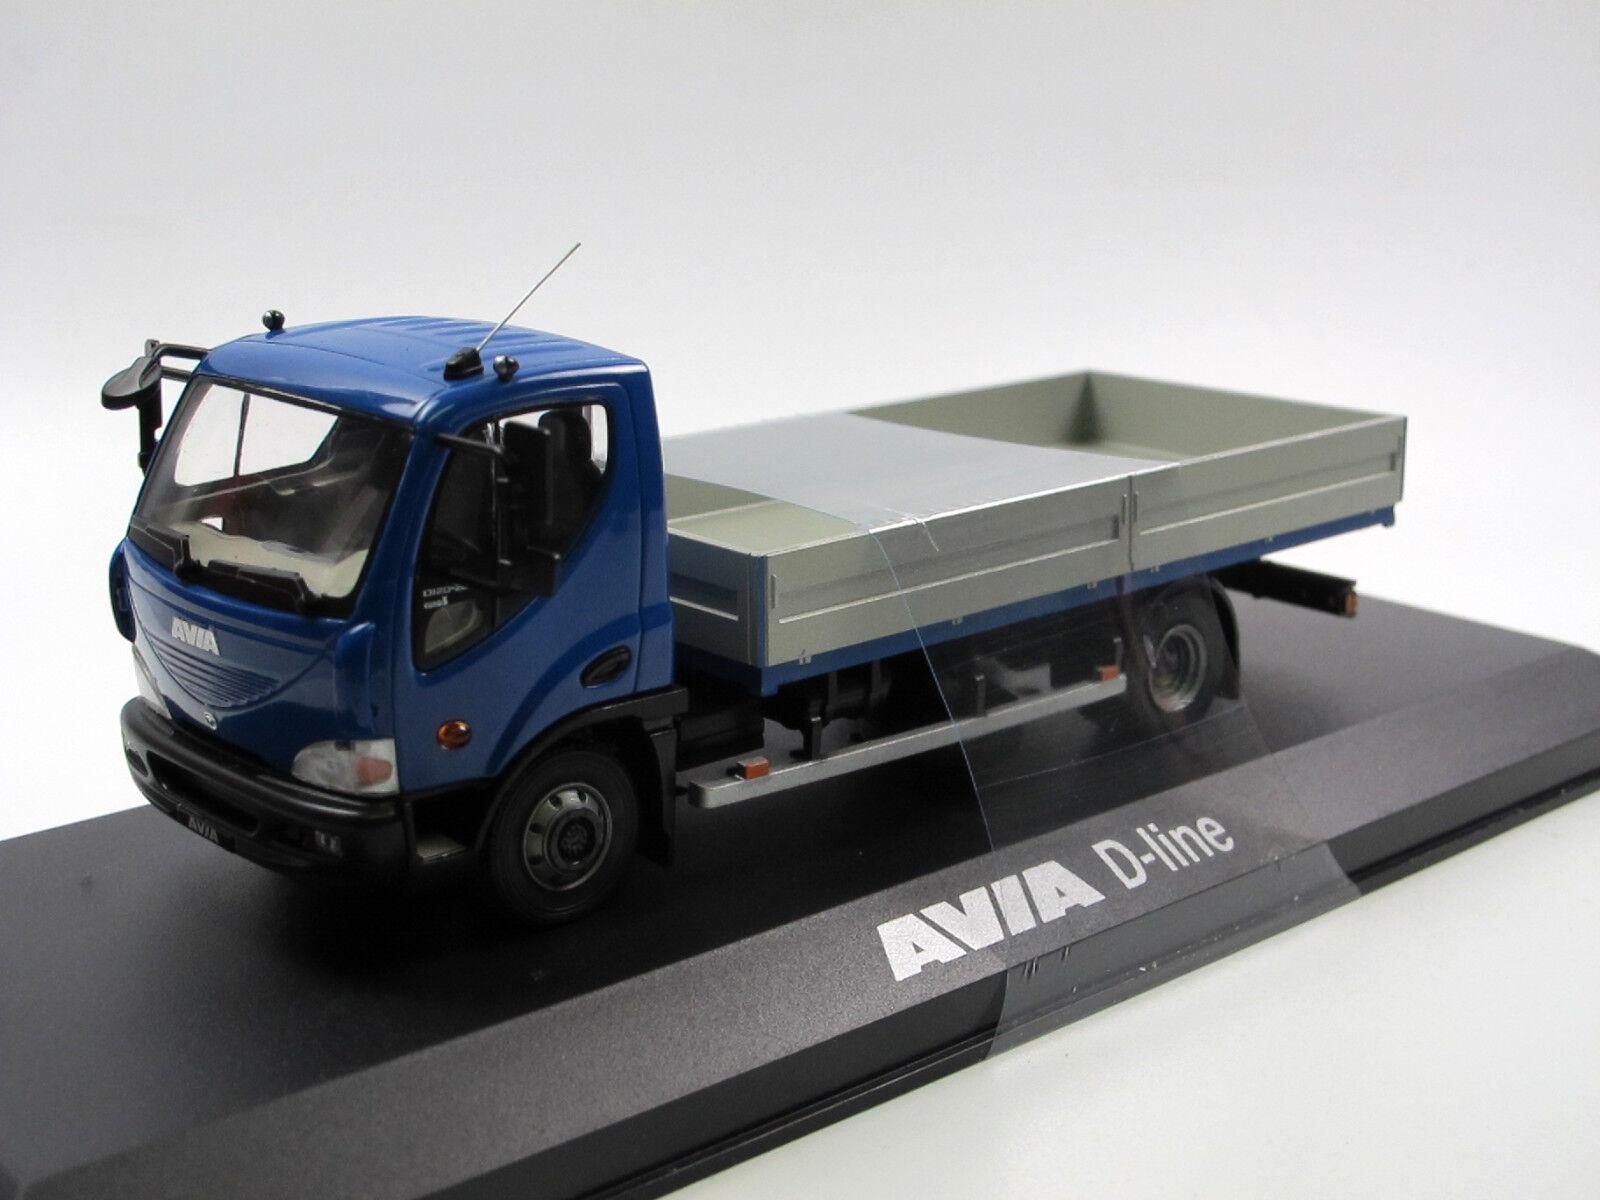 Foxtoys foxt003 - 2012 AVIA D-line d120-210 d120-210 d120-210 euro 5 camastro azul - 1 43 OVP c87c92